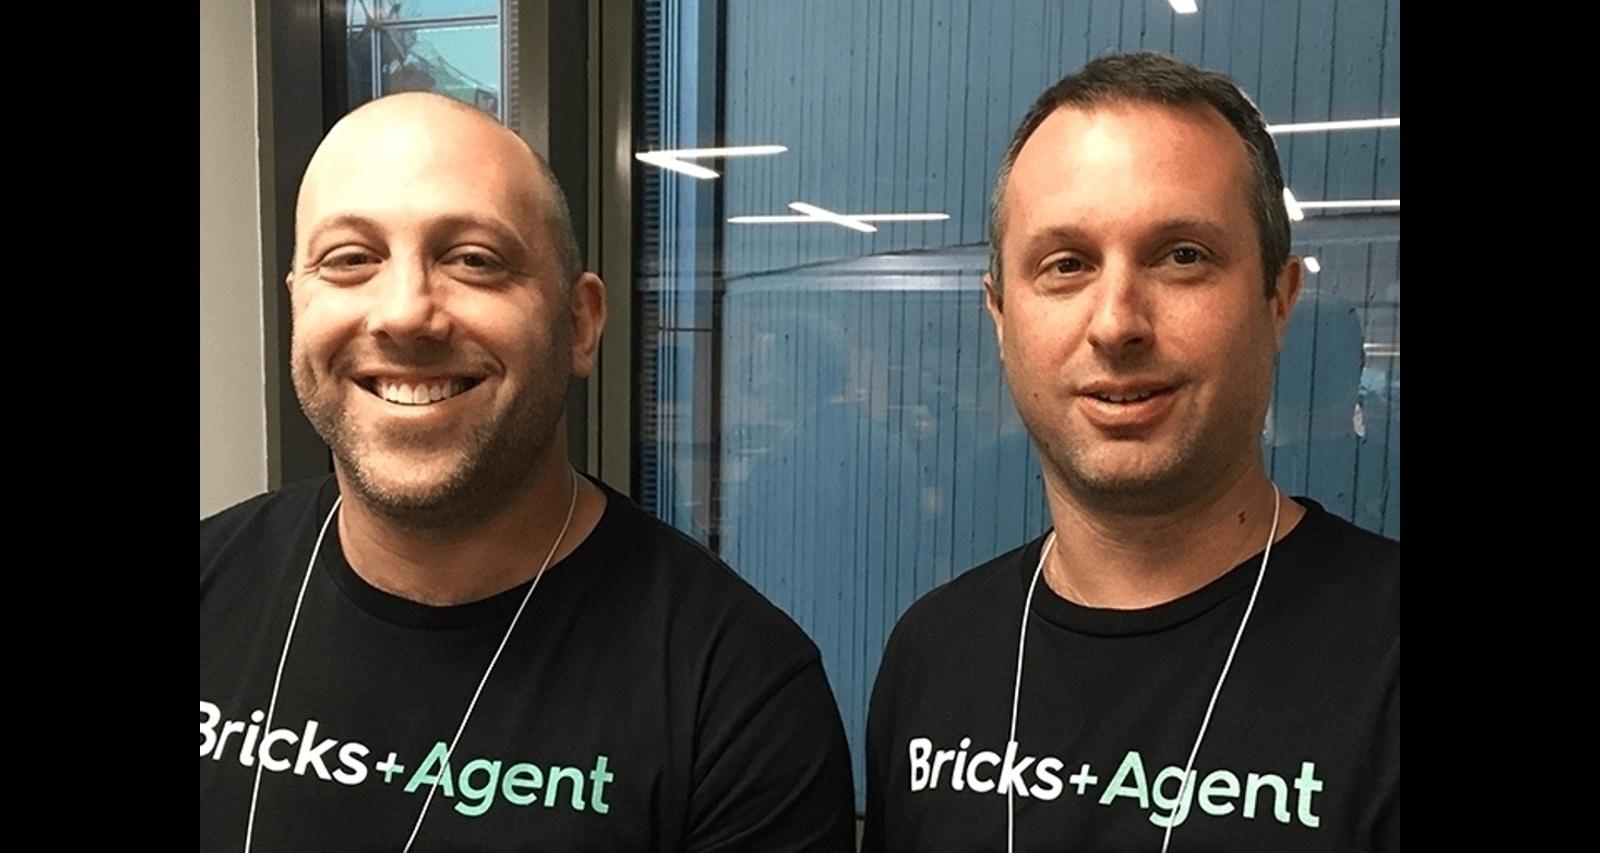 Bricks+Agent Shark Tank